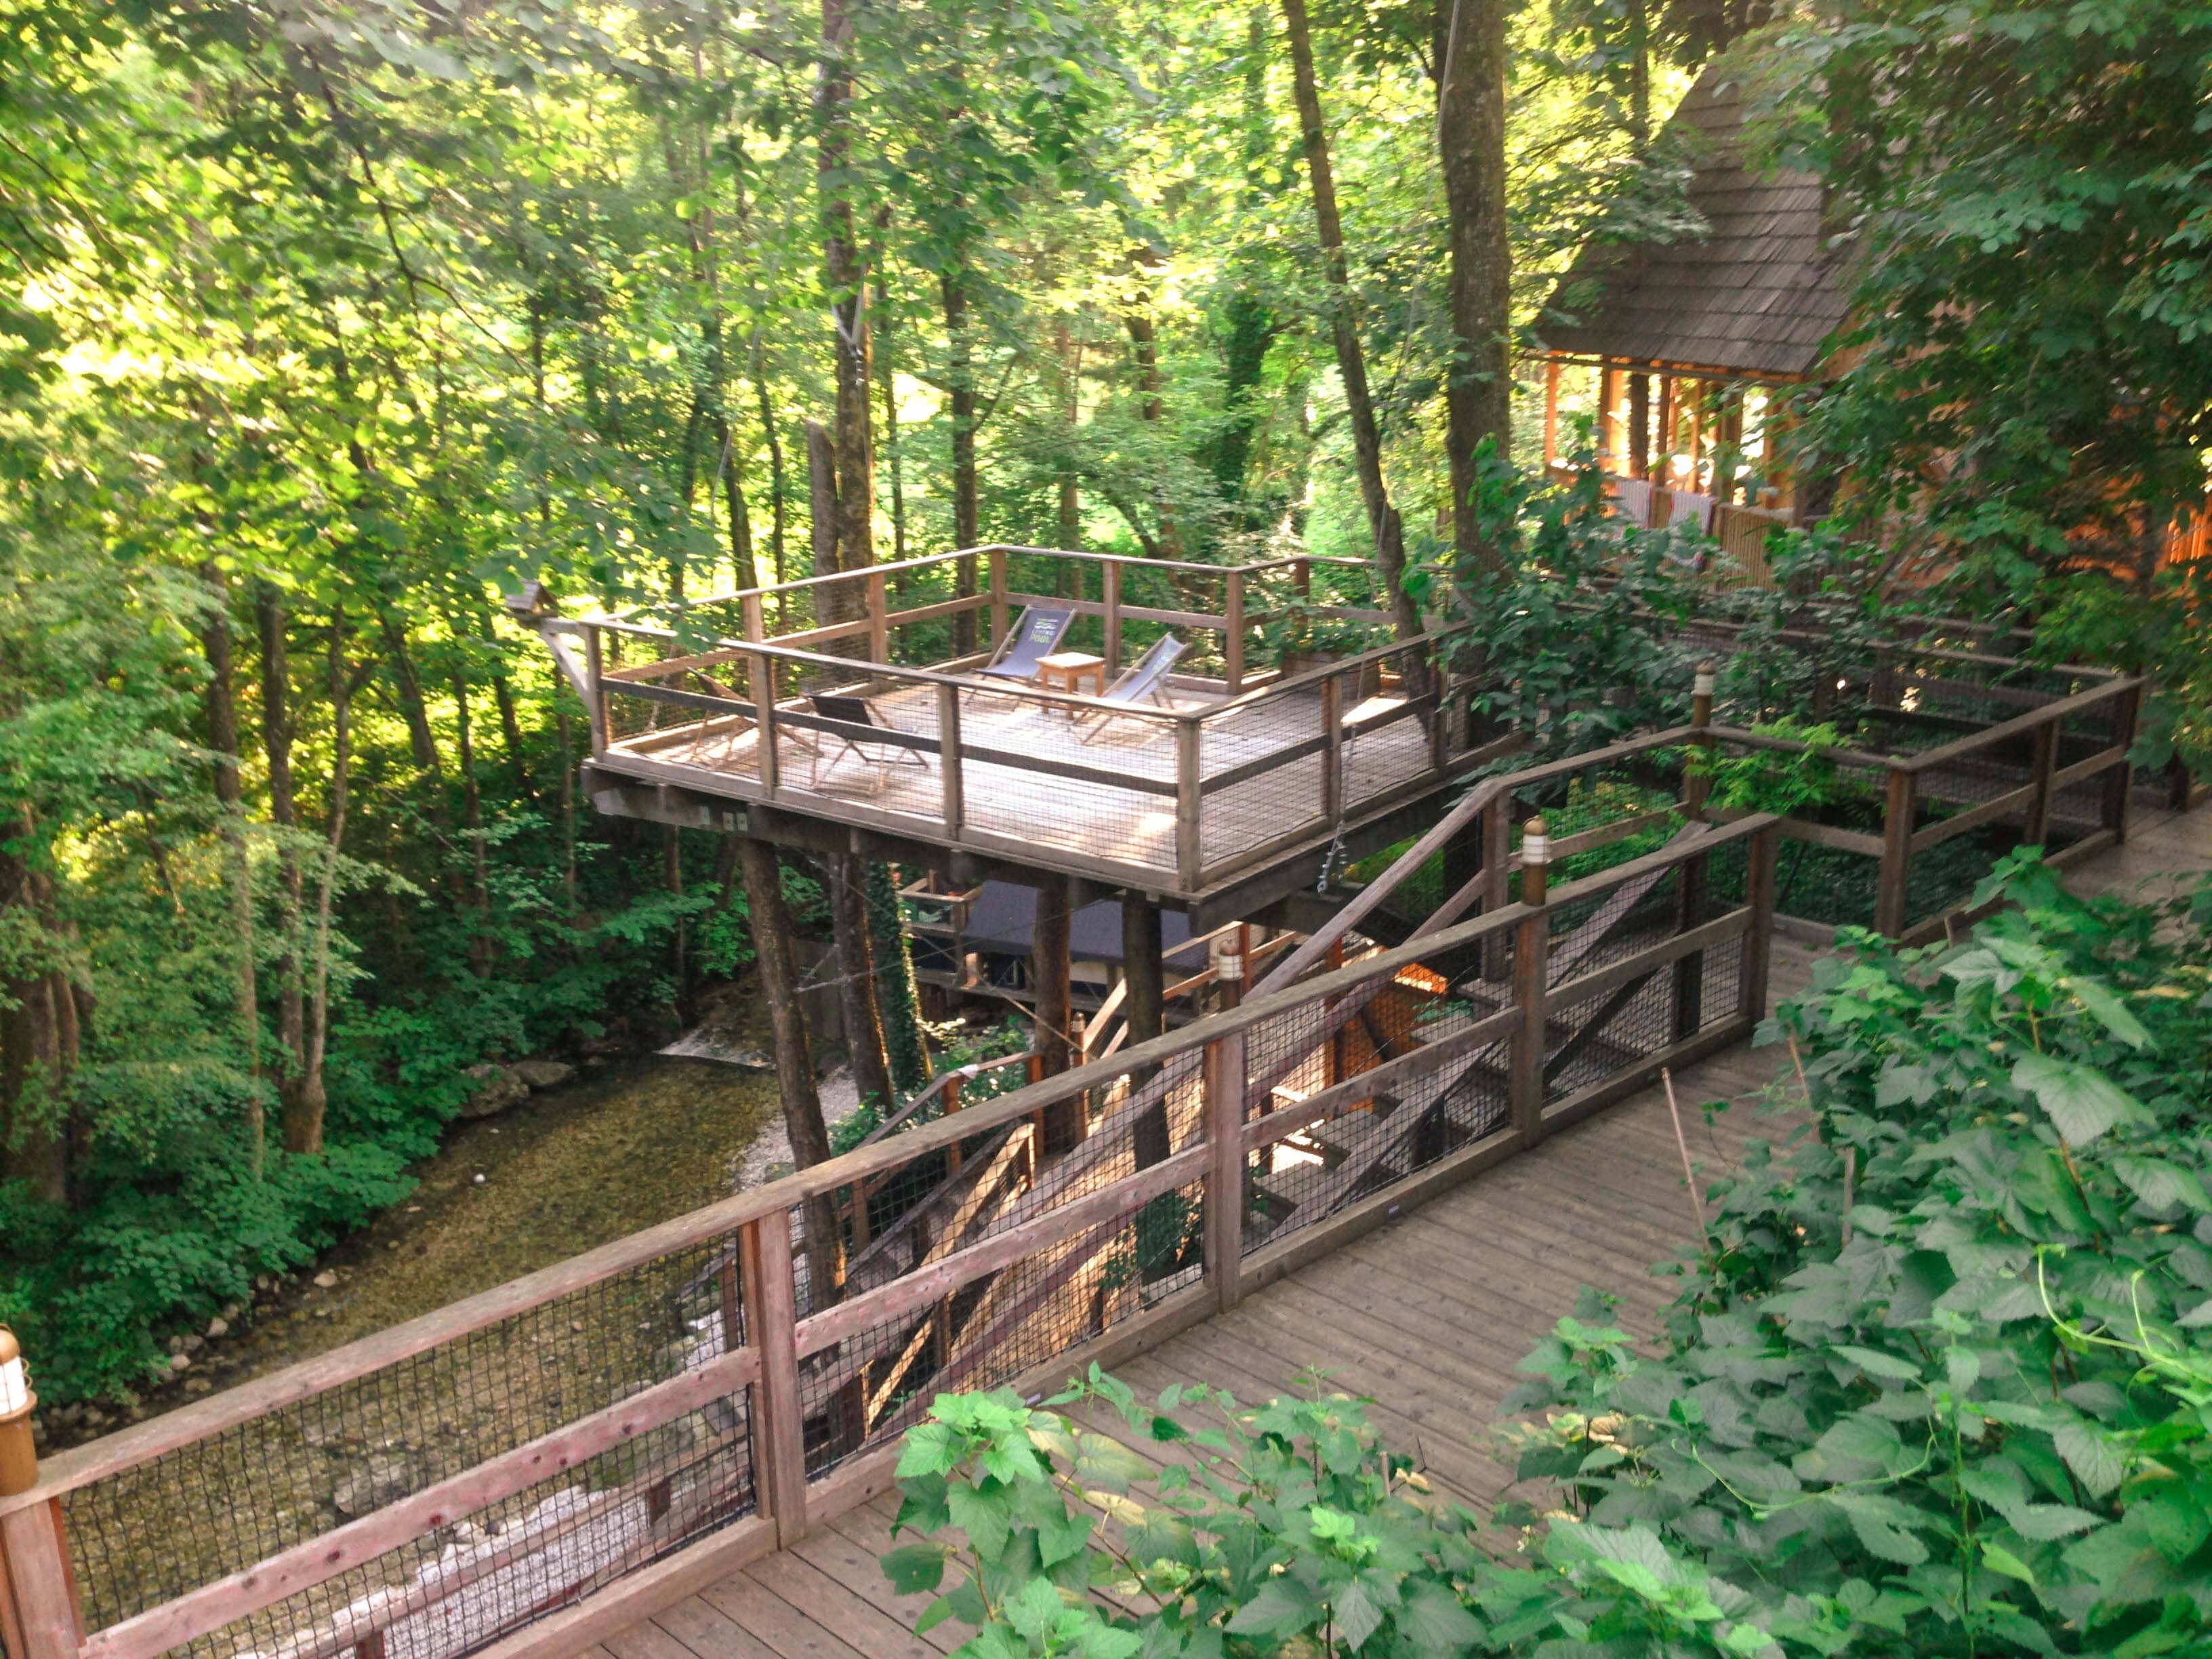 viewing decks at Garden Village Bled